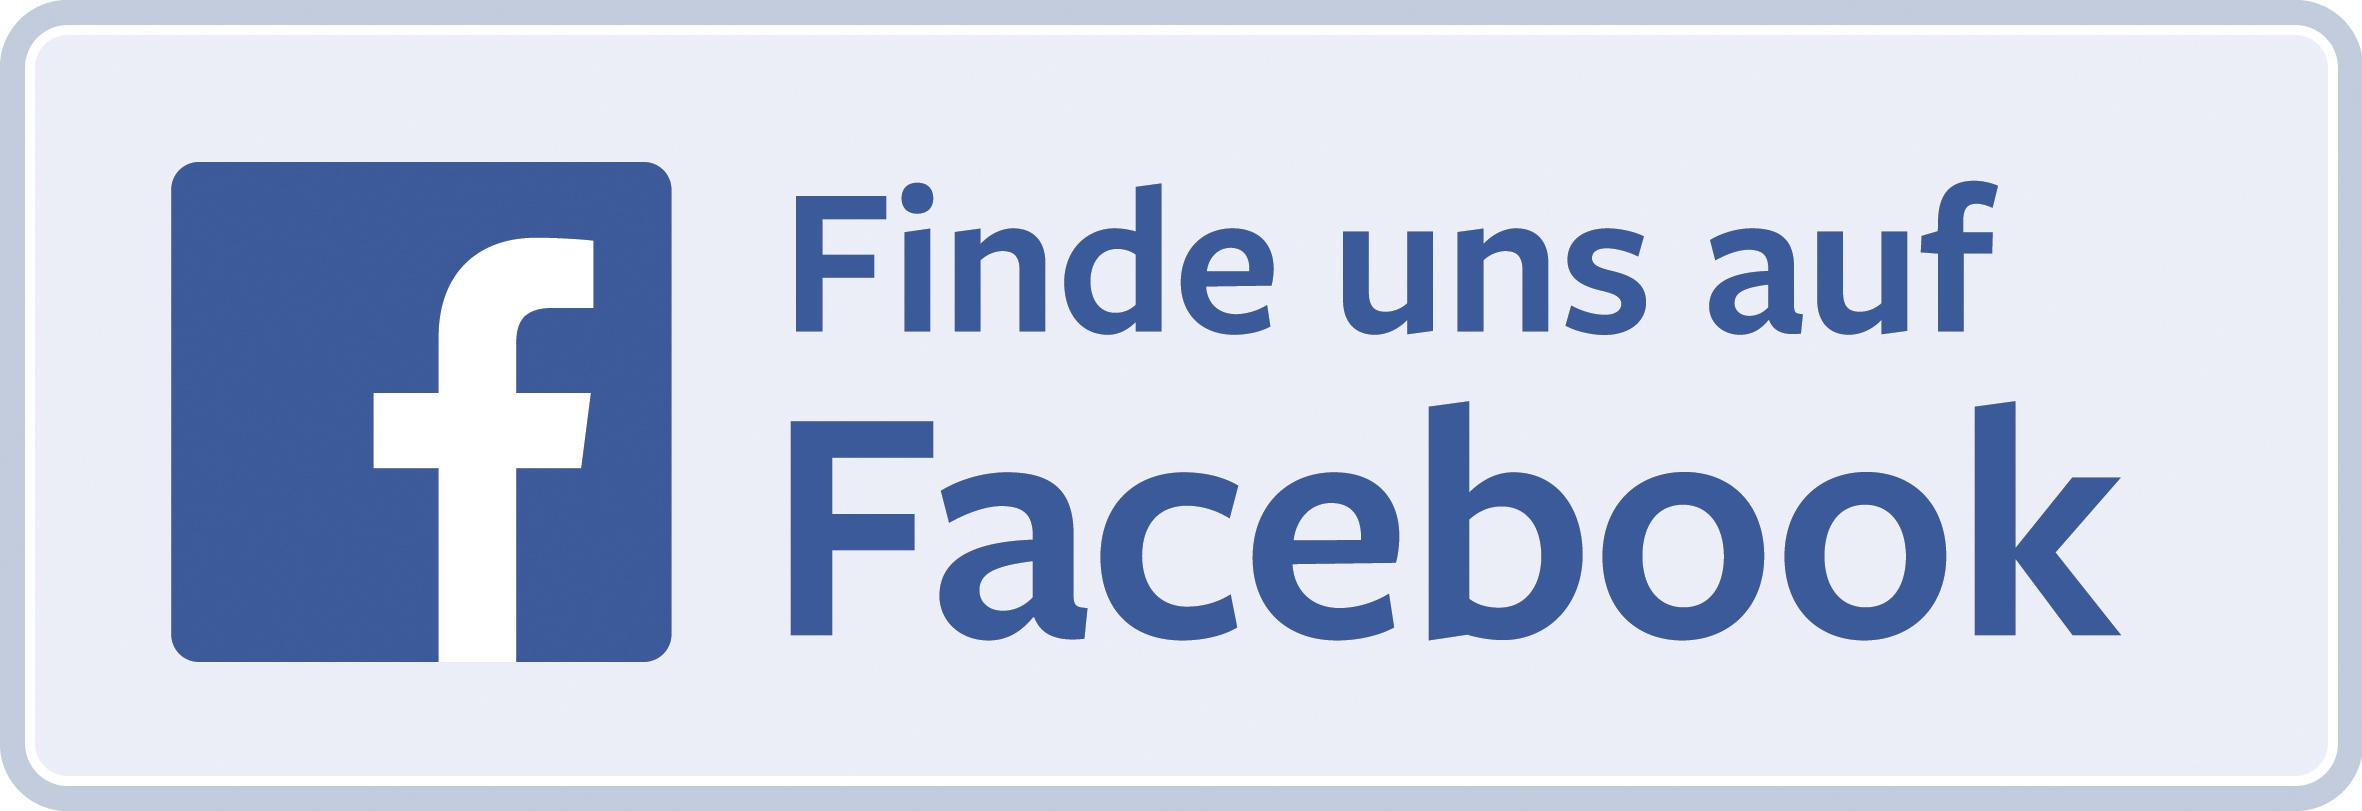 ea_fb